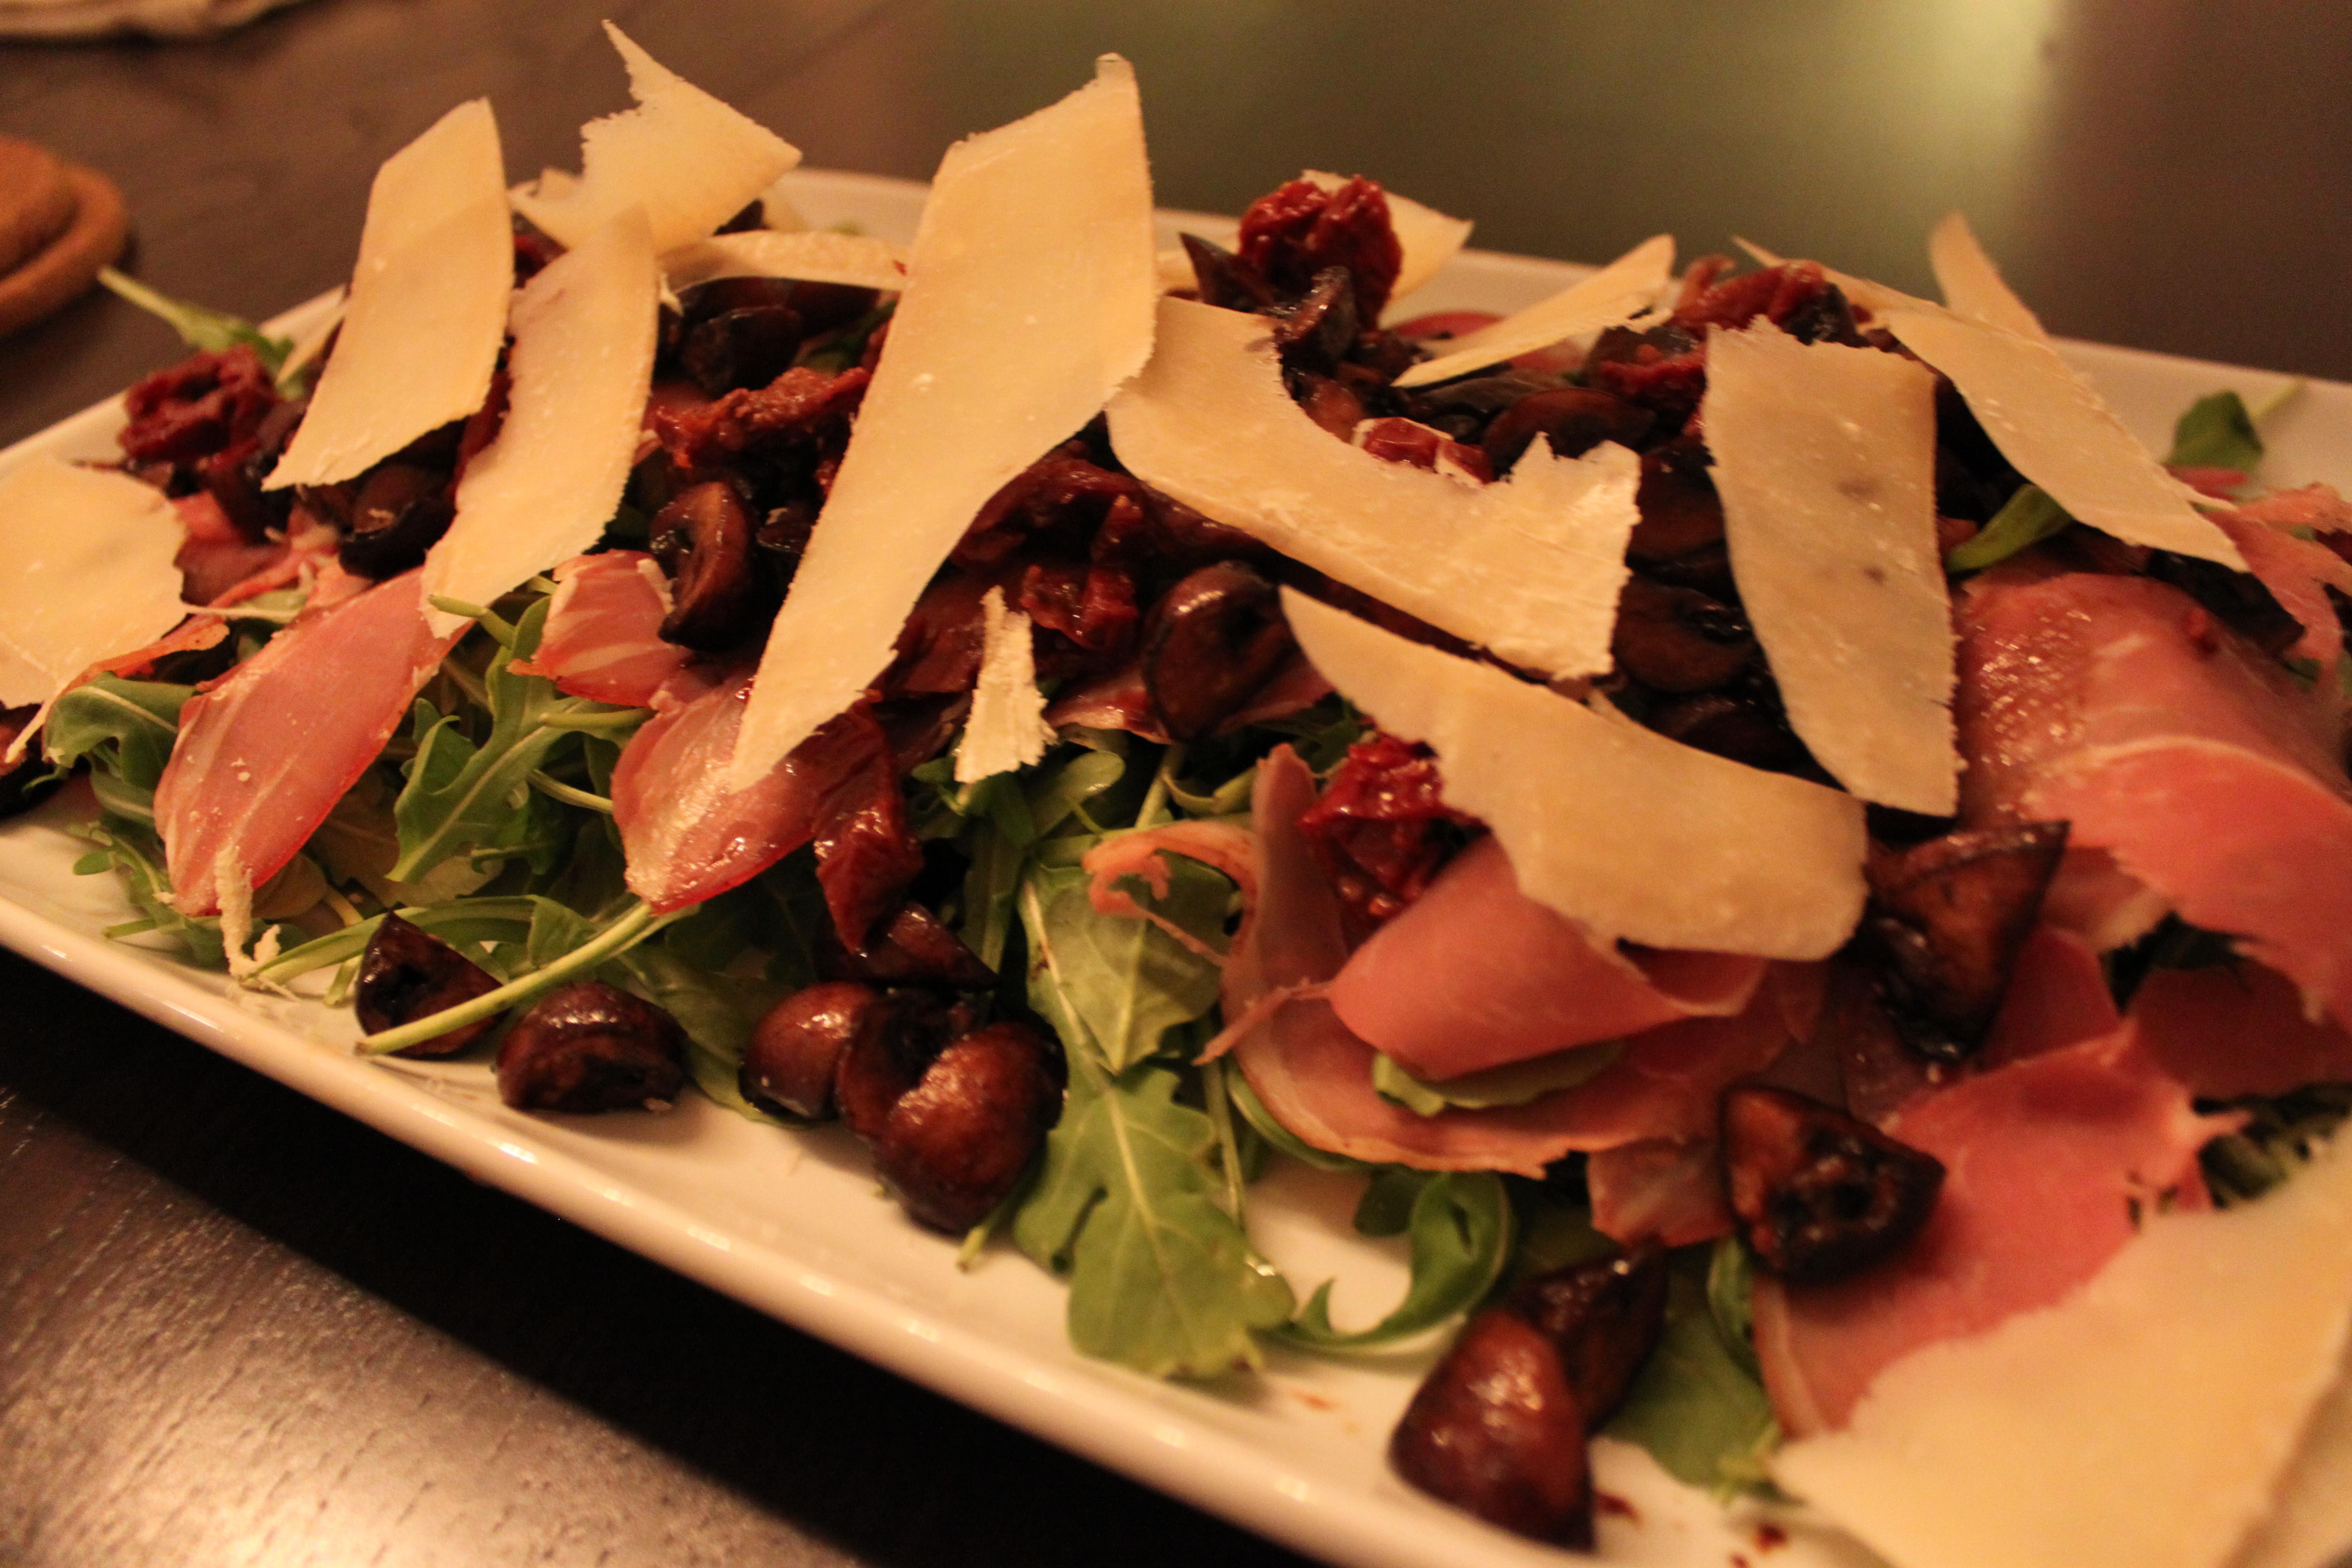 Ina's Warm Mushroom Salad | Mod Meals on Mendenhall